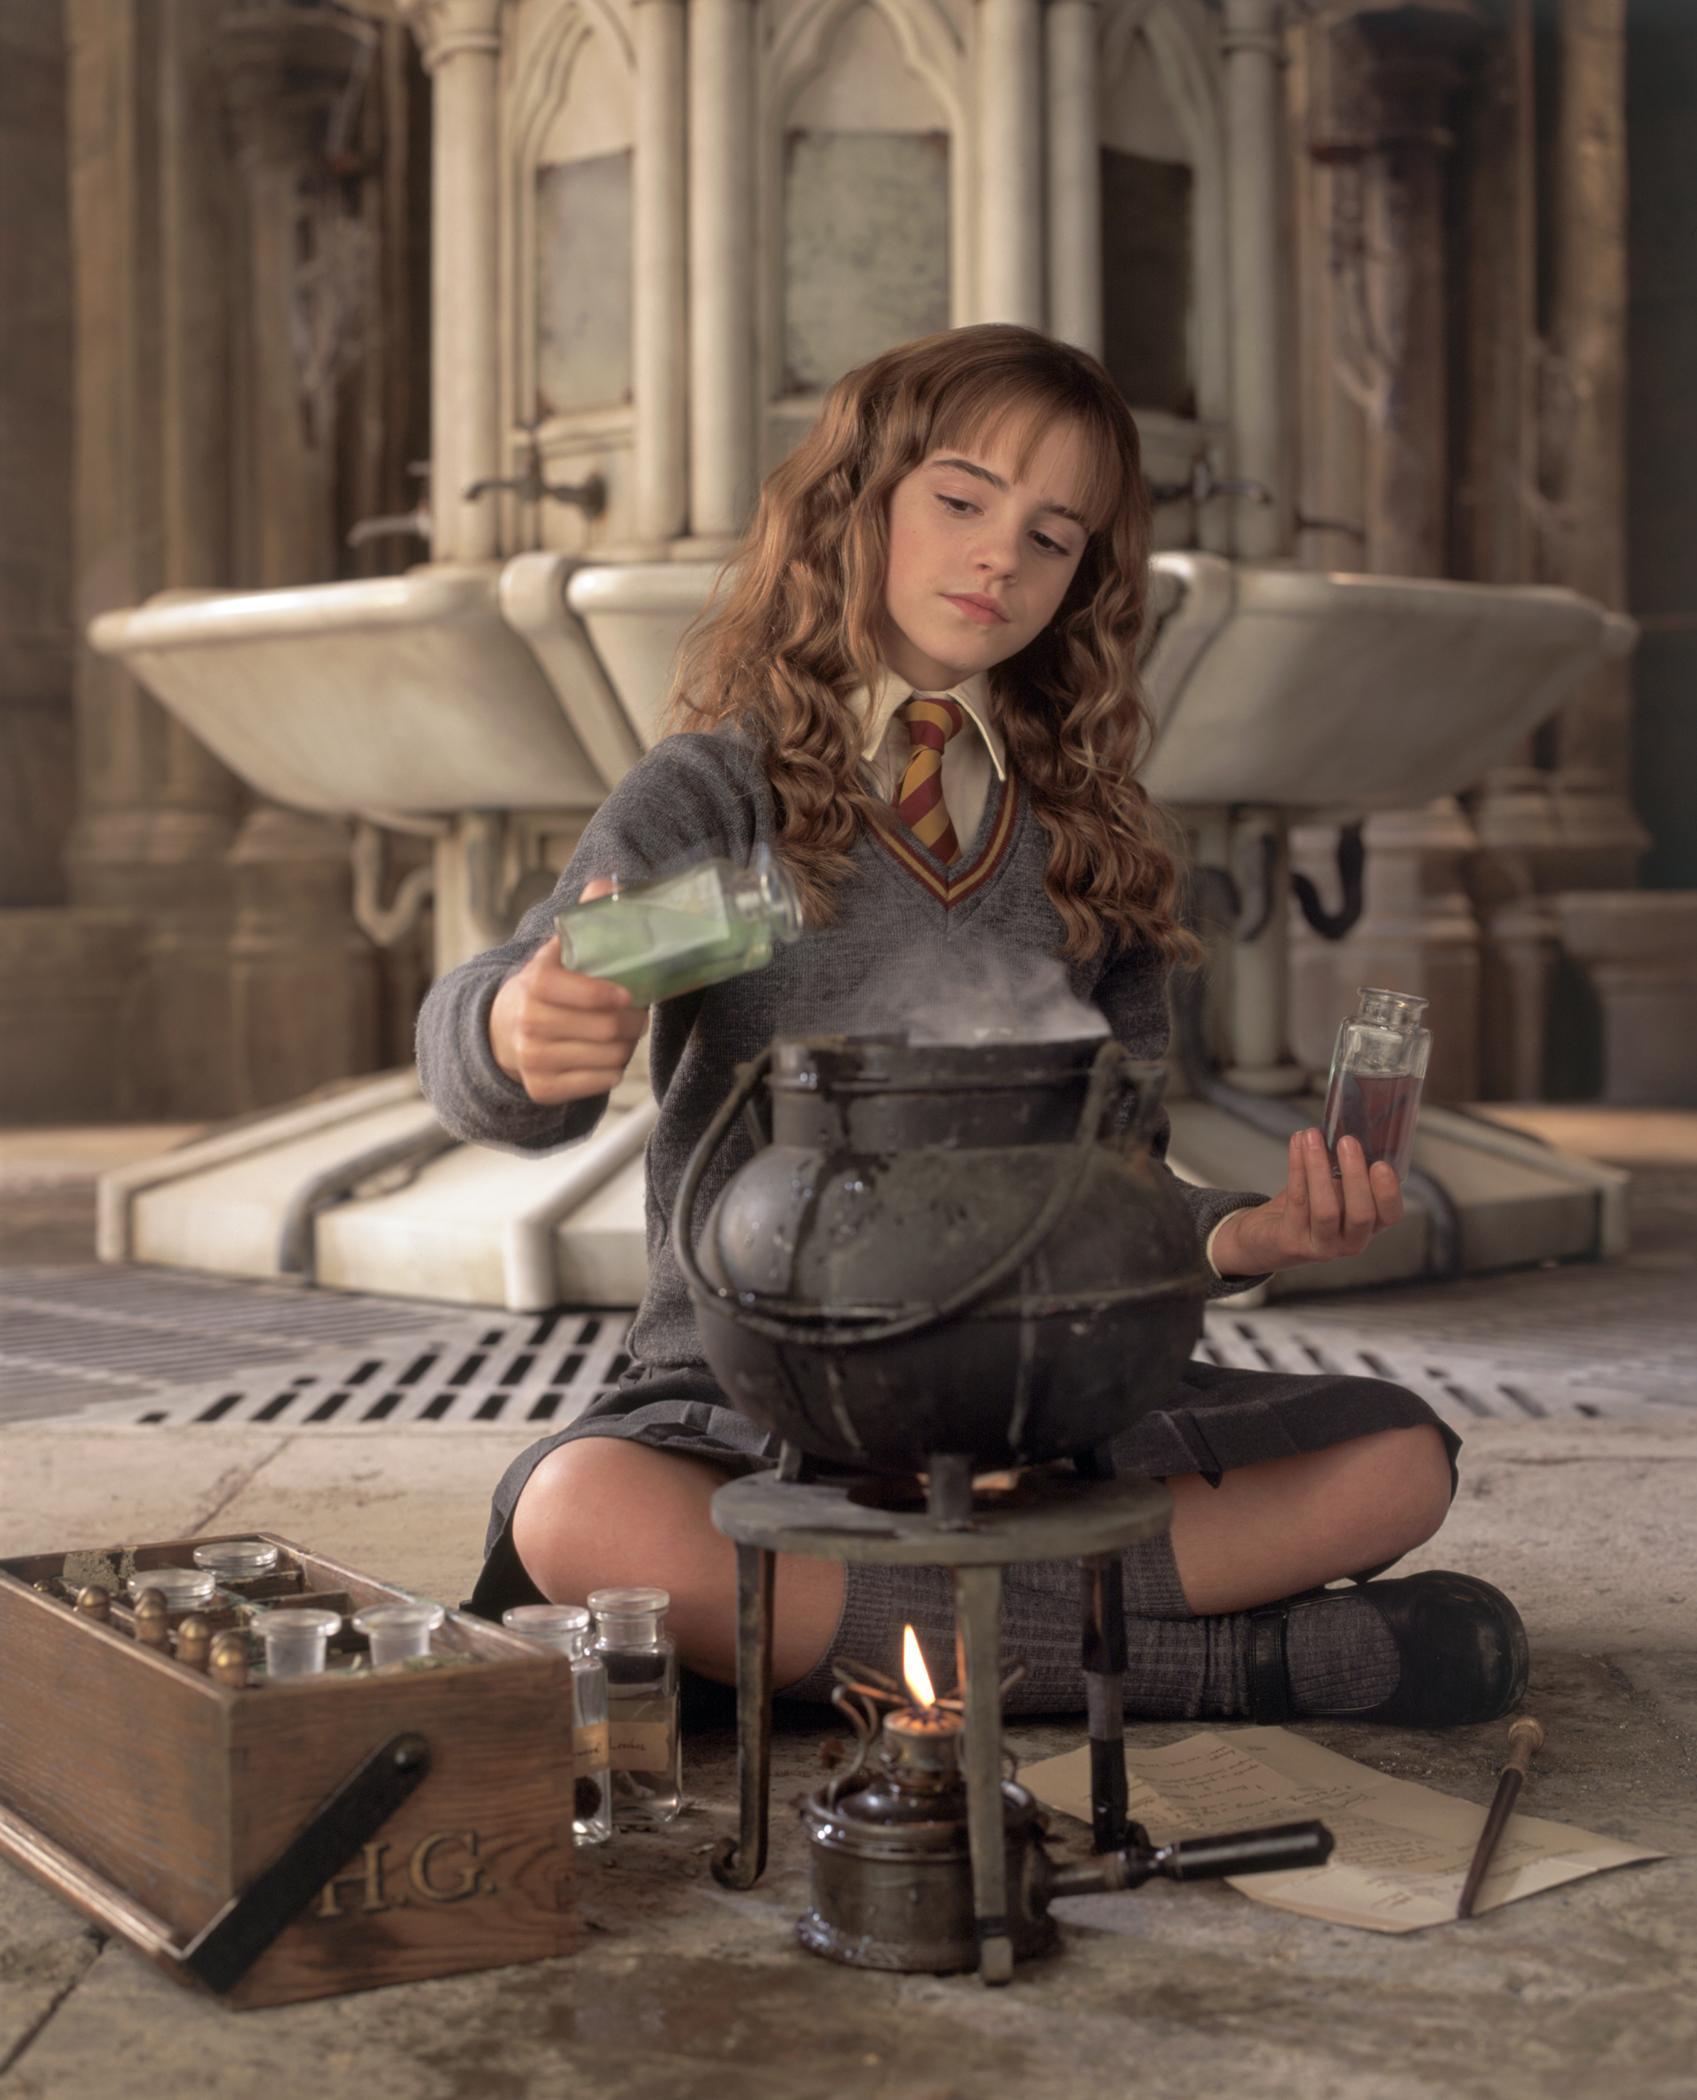 Emma watson chamber of secrets upskirt